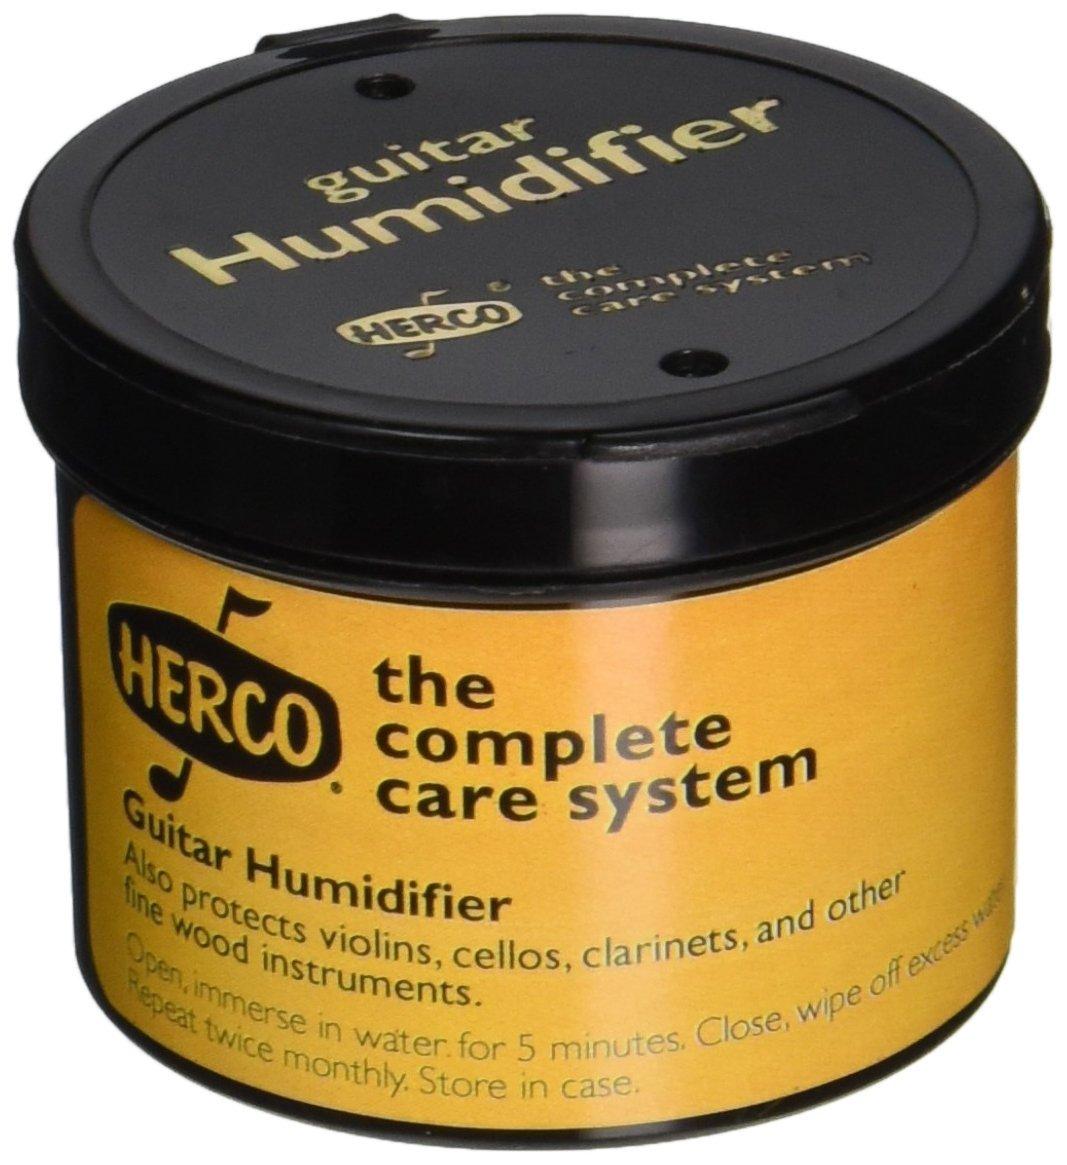 Herco HE360 The Guardfather Guitar Humidifier